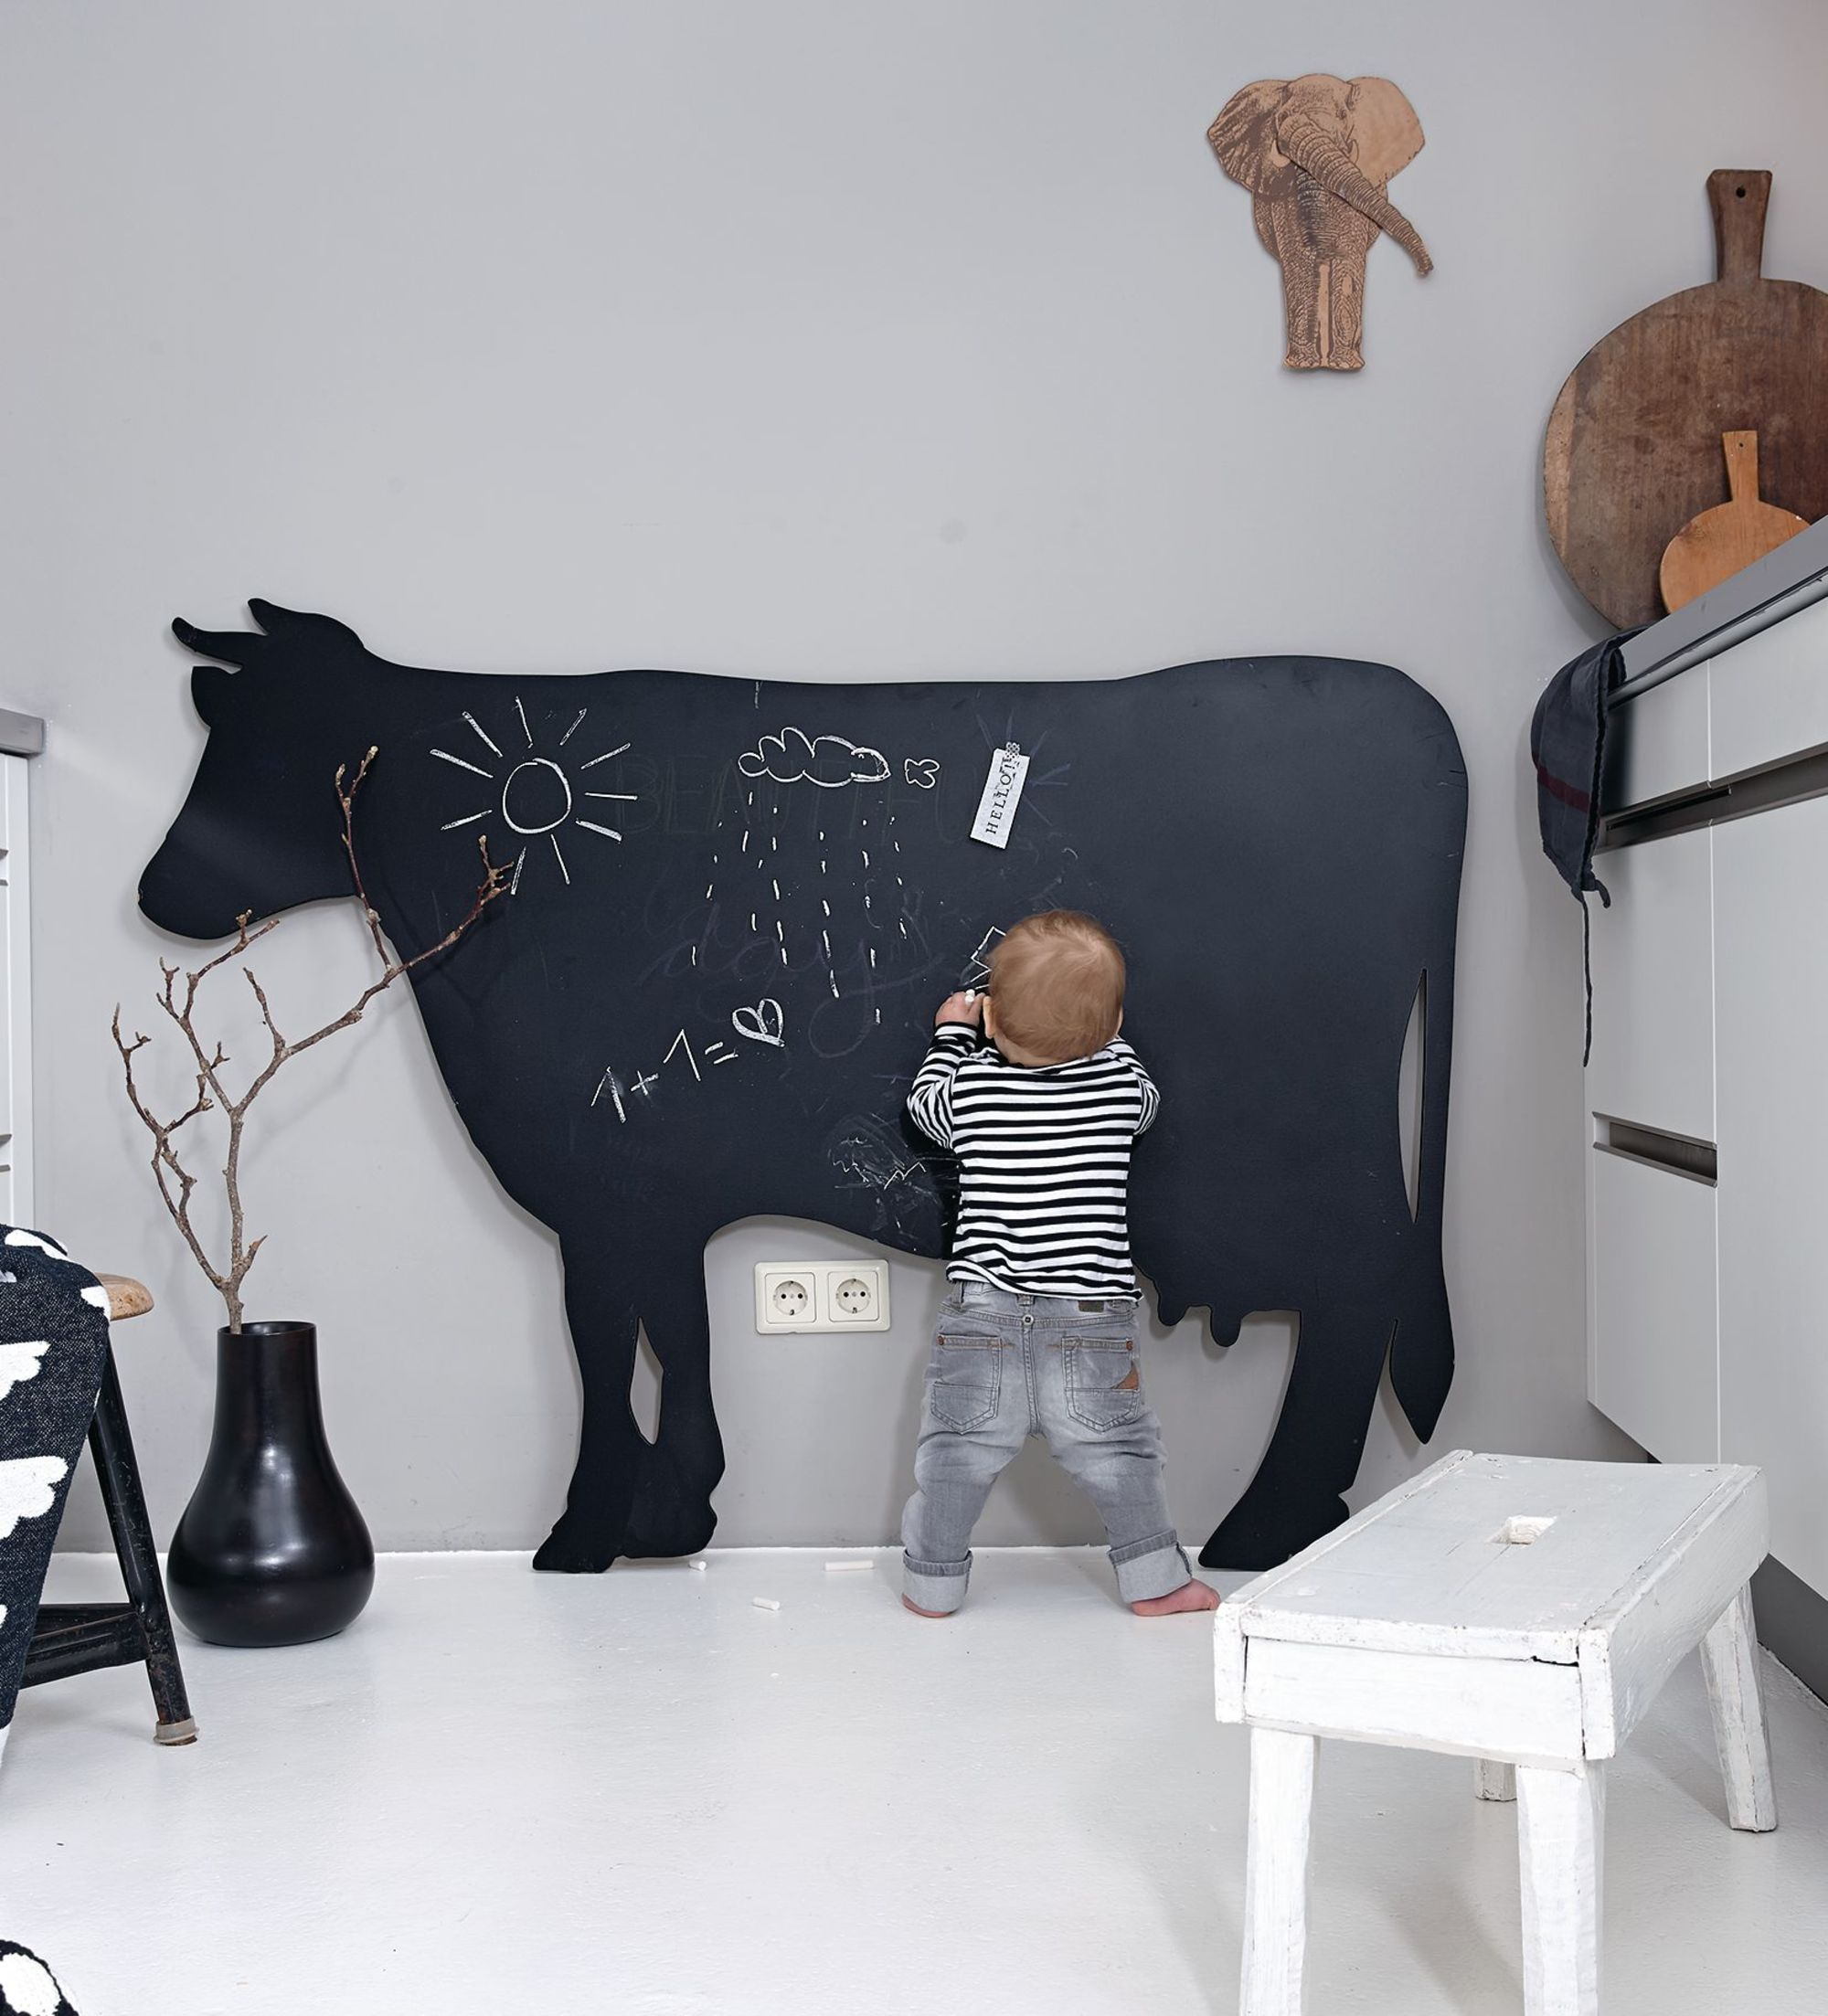 Stunning Tafel Für Küche Gallery - Ideas & Design - livingmuseum.info